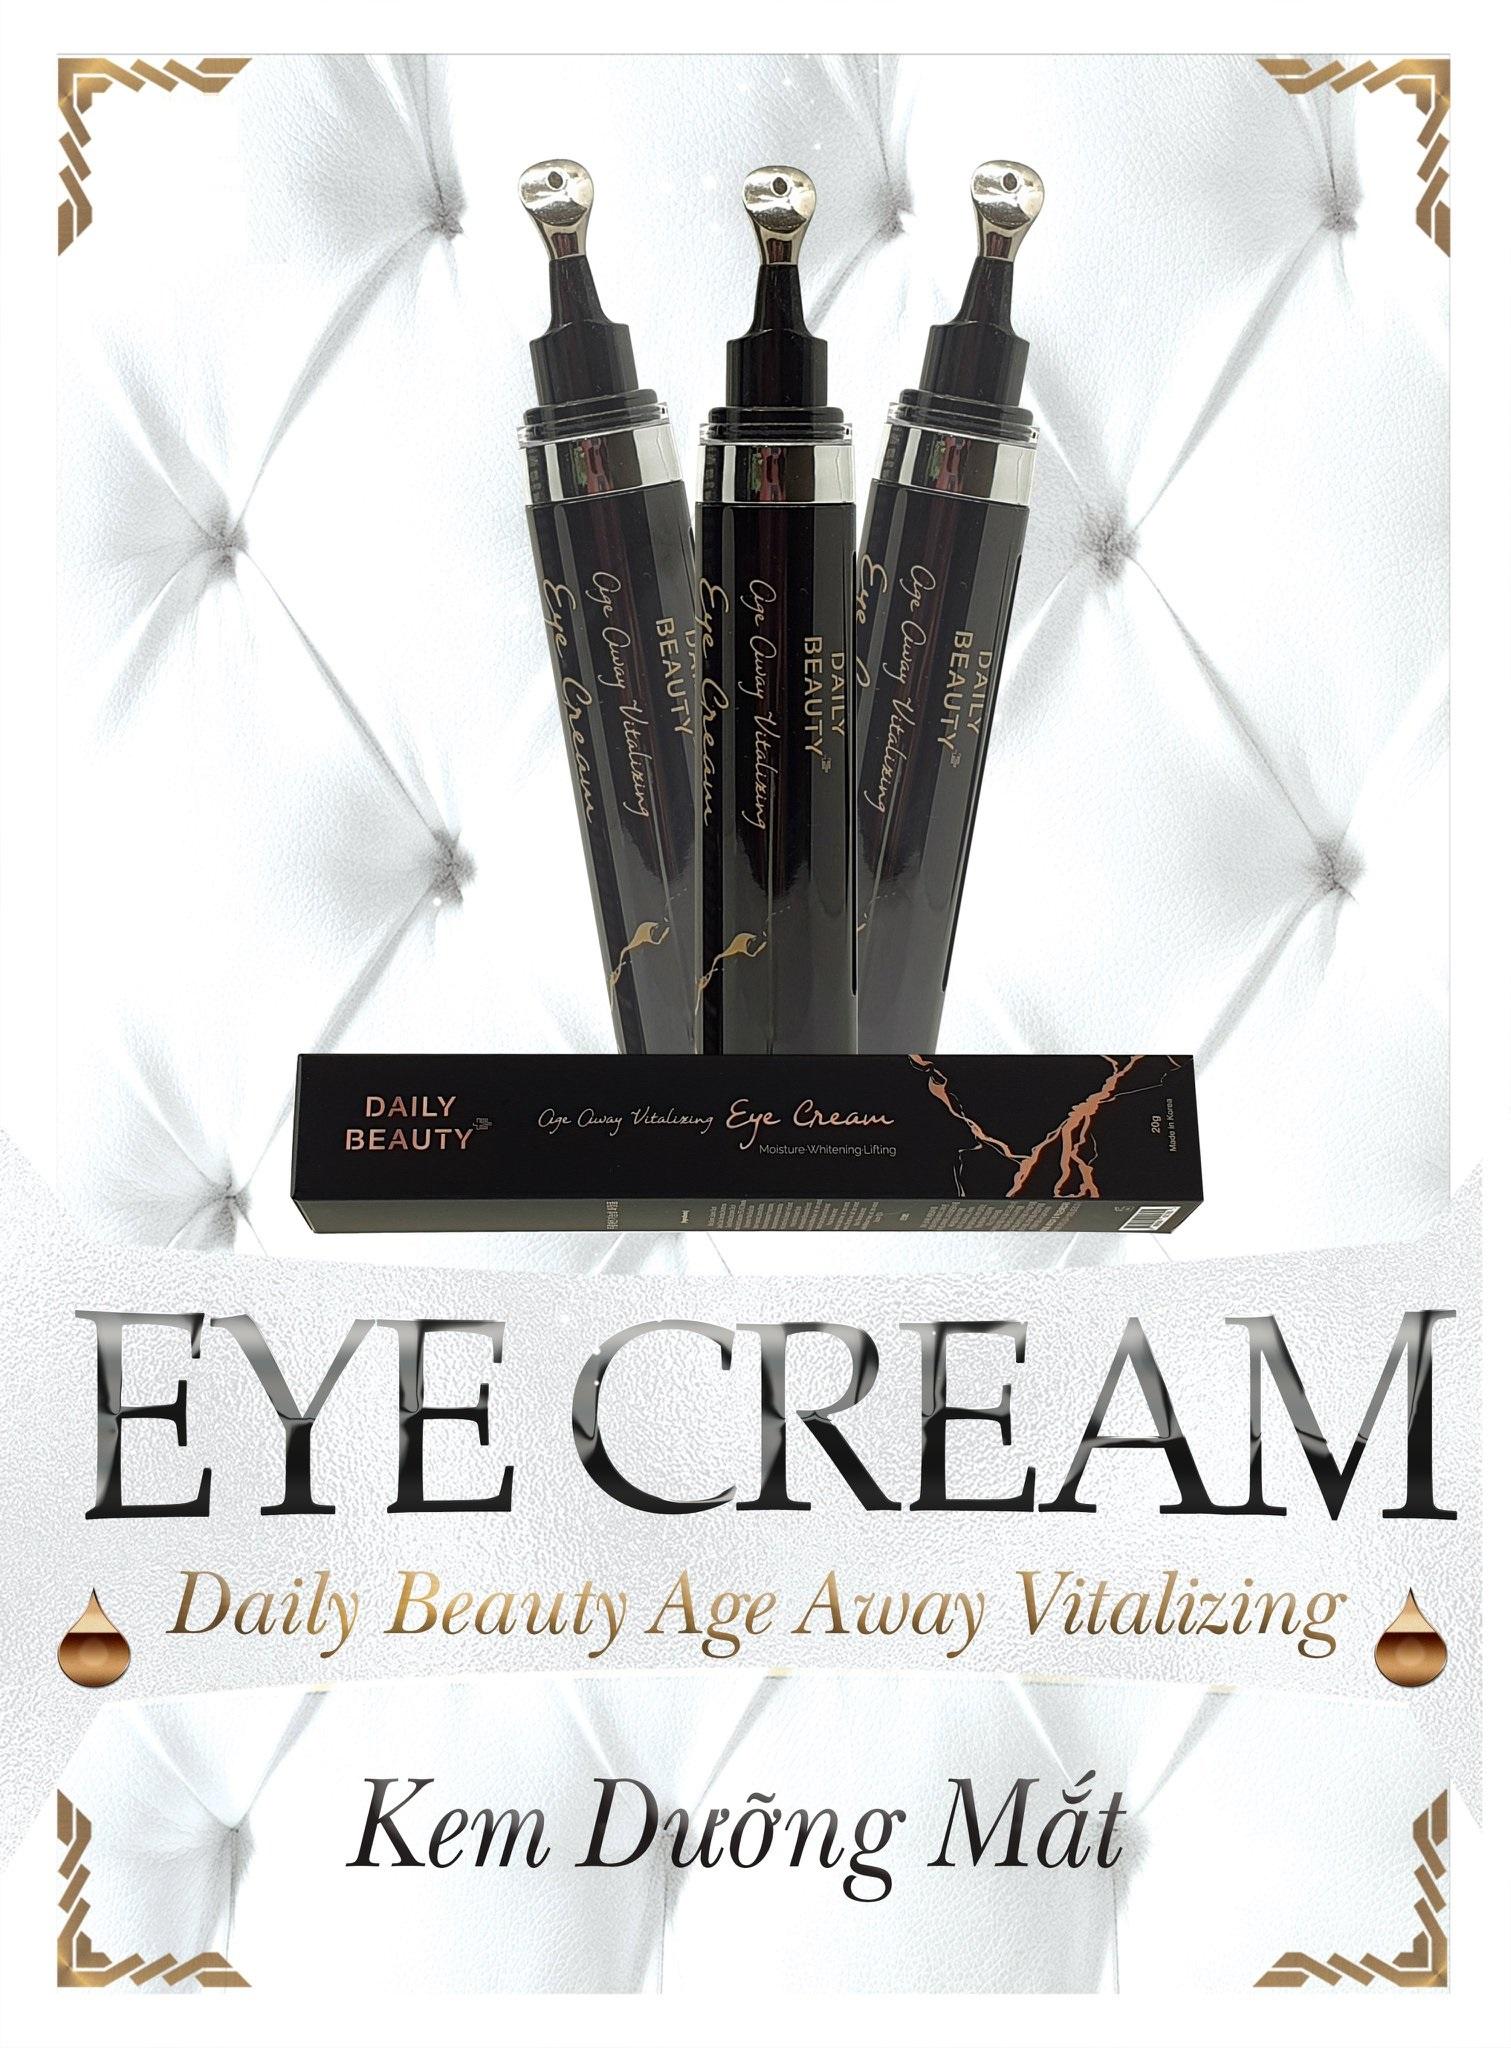 Kem dưỡng mắt Daily Beauty Age Away Vitalizing Eye Cream R&B Việt Nam phân phối độc quyền sản phẩm nhập khẩu từ Hàn Quốc